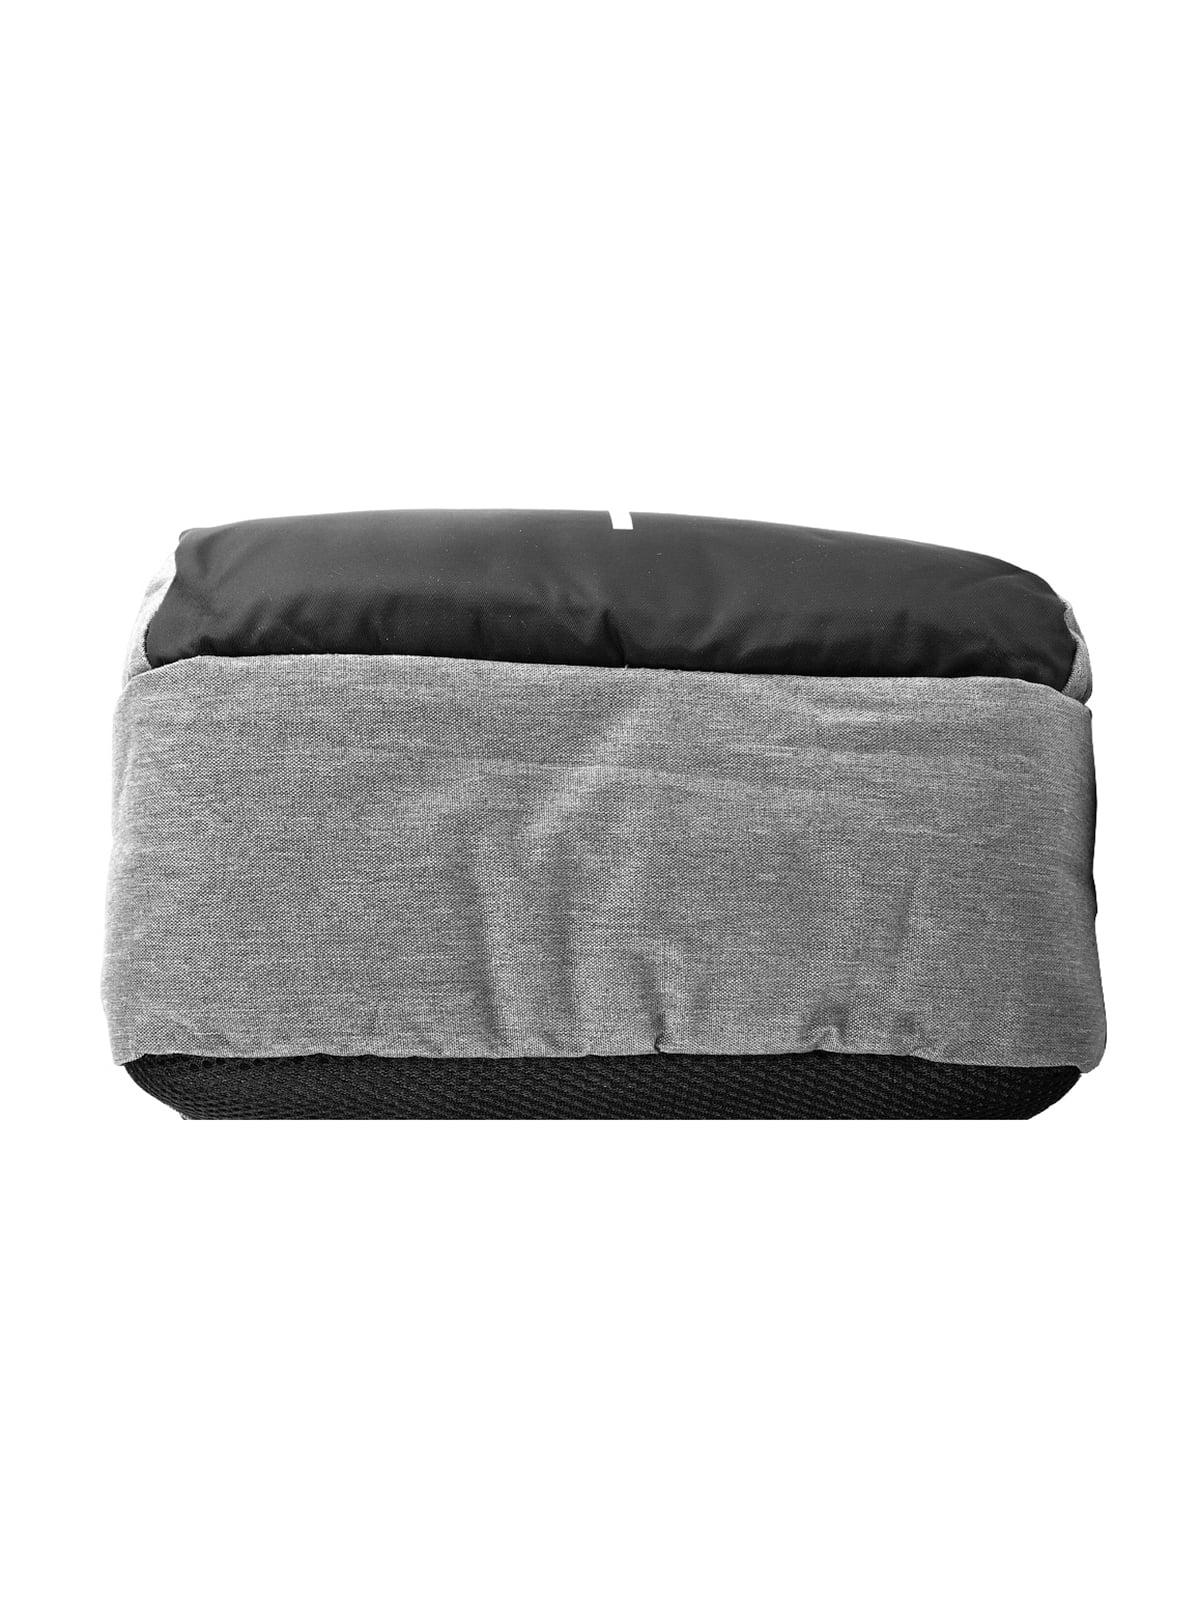 Рюкзак серо-черный   5087430   фото 4